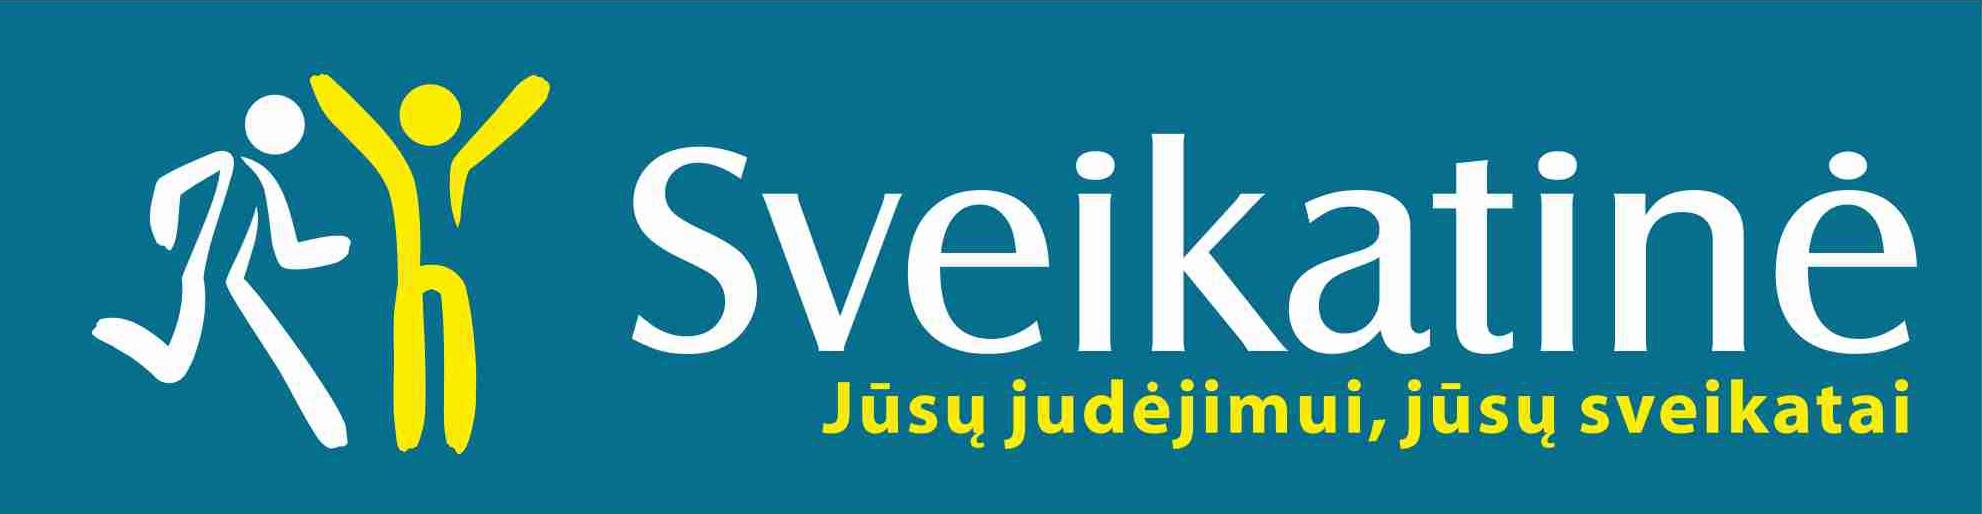 Sveikatine_Logo